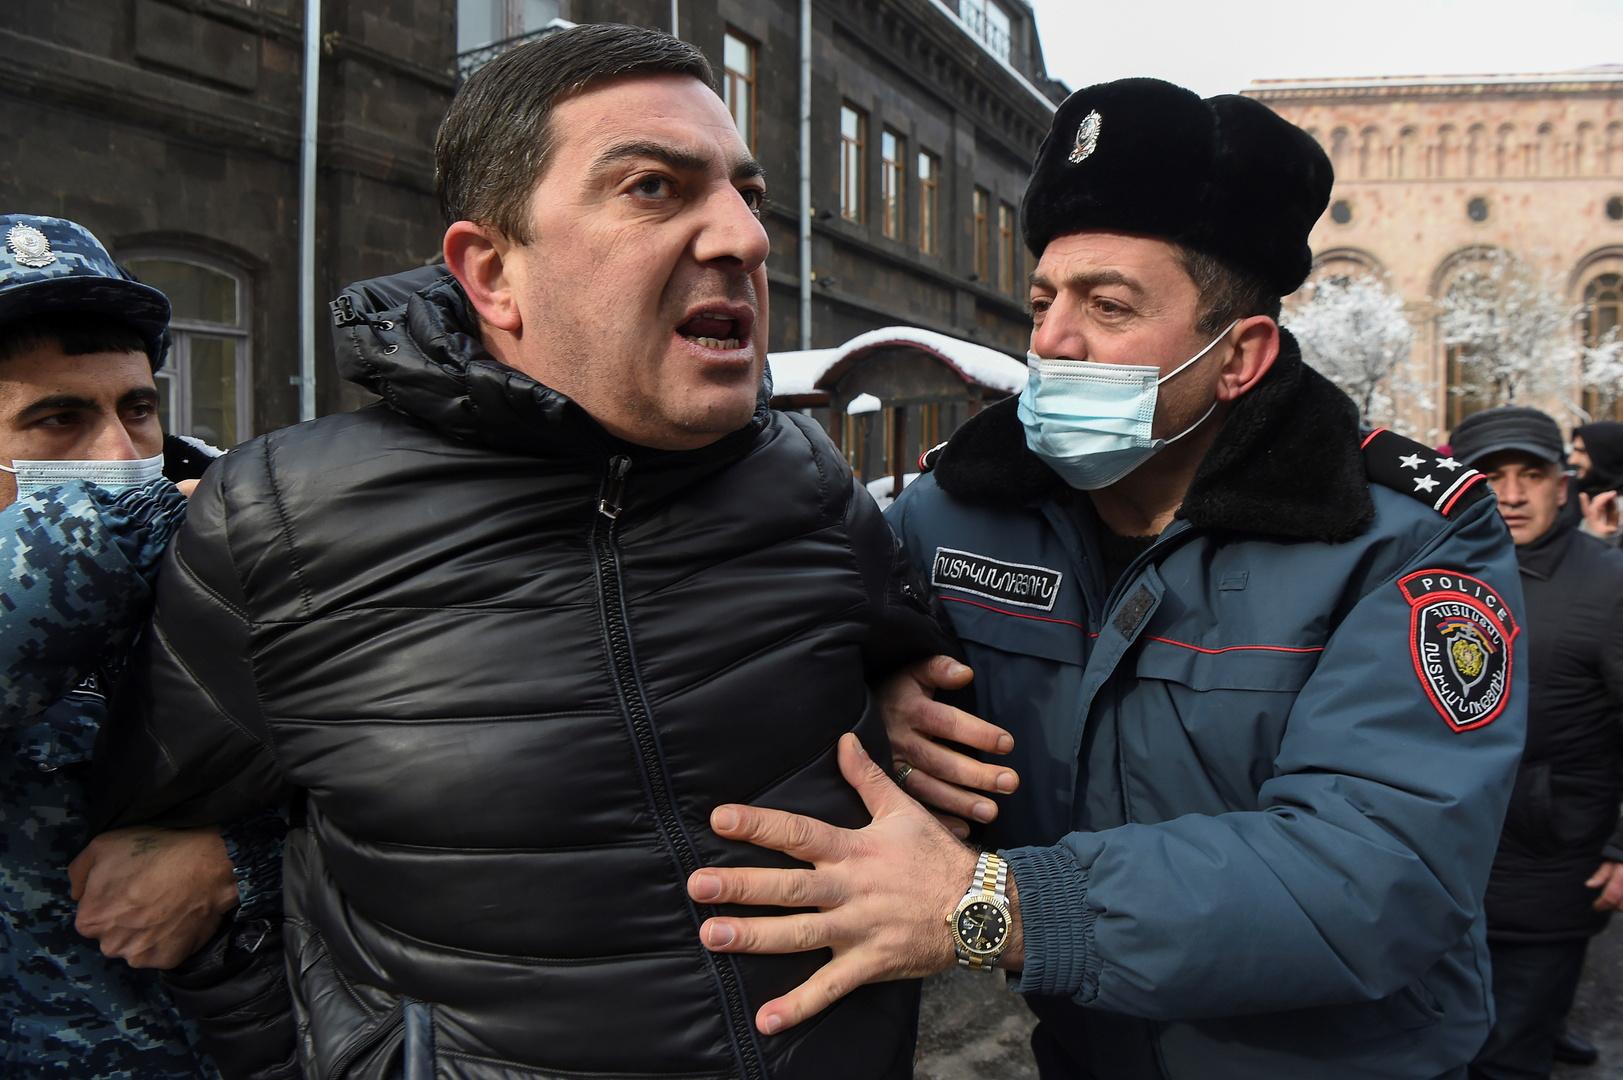 المعارضة الأرمنية: توقيف 34 شخصا أثناء الاحتجاجات